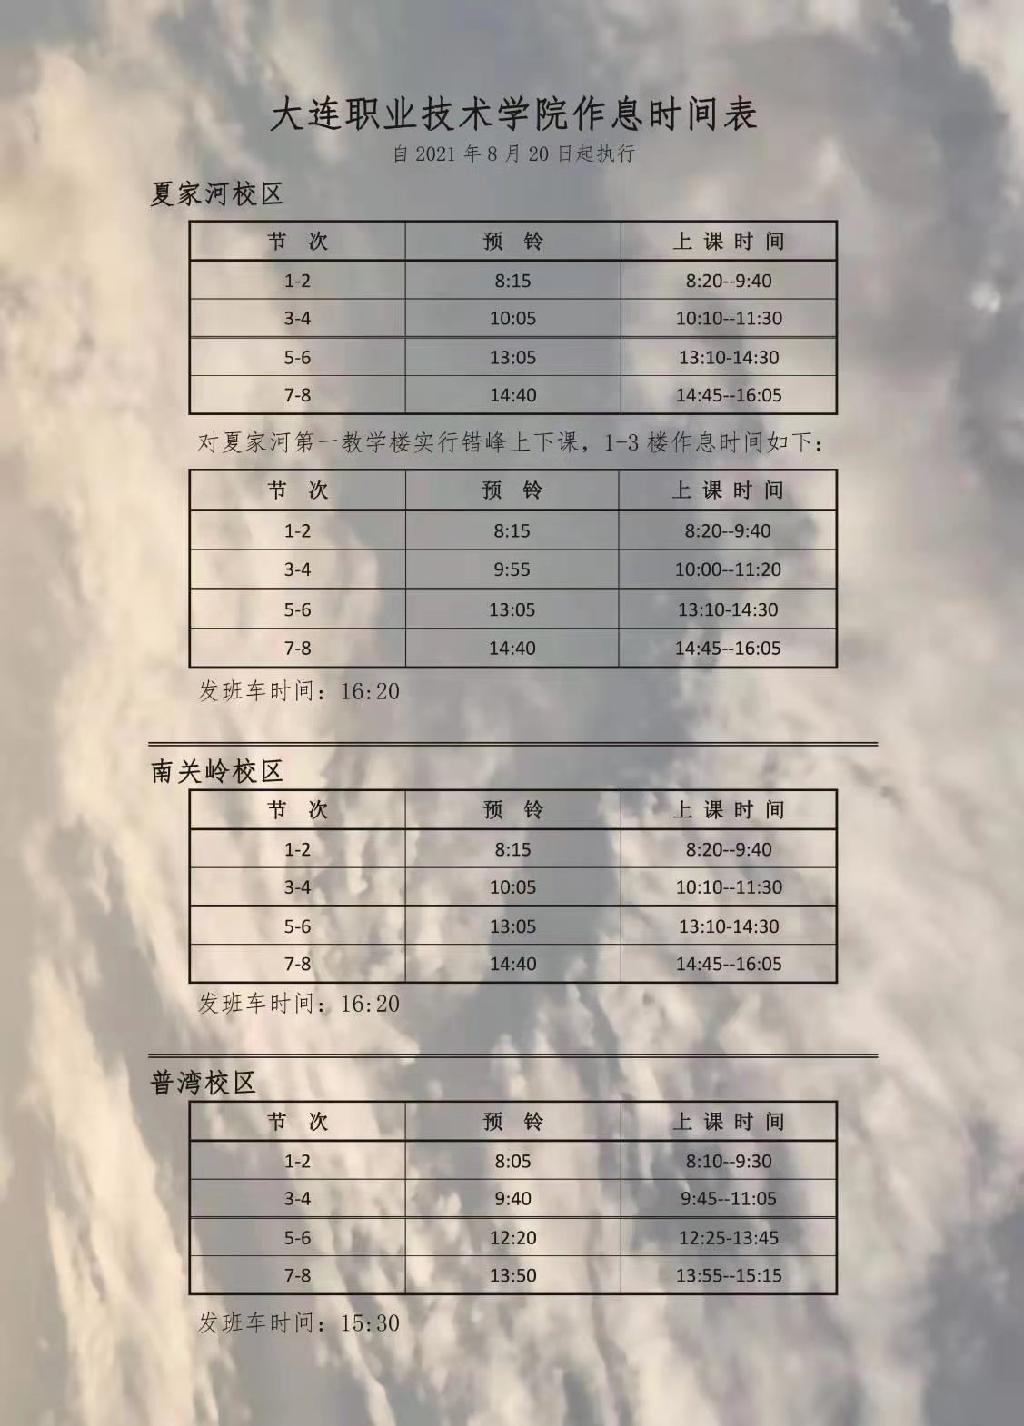 大连职业技术学院作息时间表.jpg